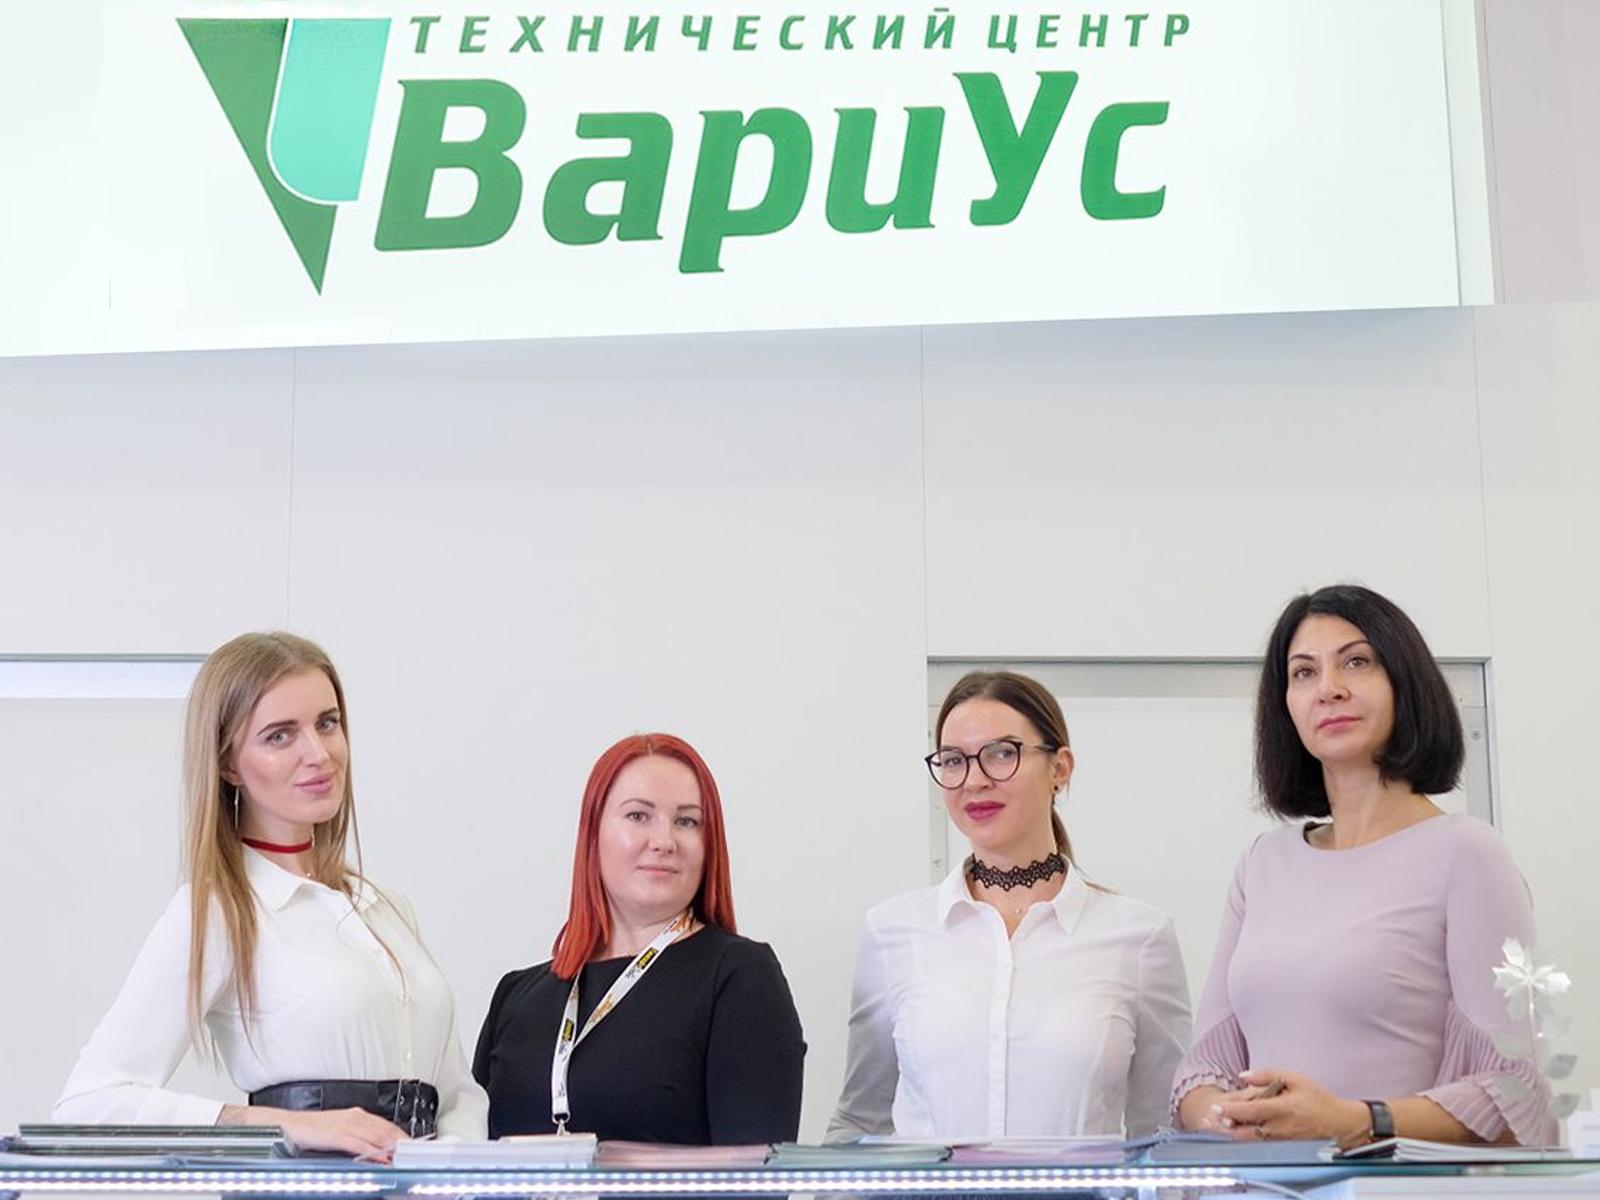 ХVIII МЕЖДУНАРОДНЫЙ ПРОМЫШЛЕННЫЙ ФОРУМ 2019